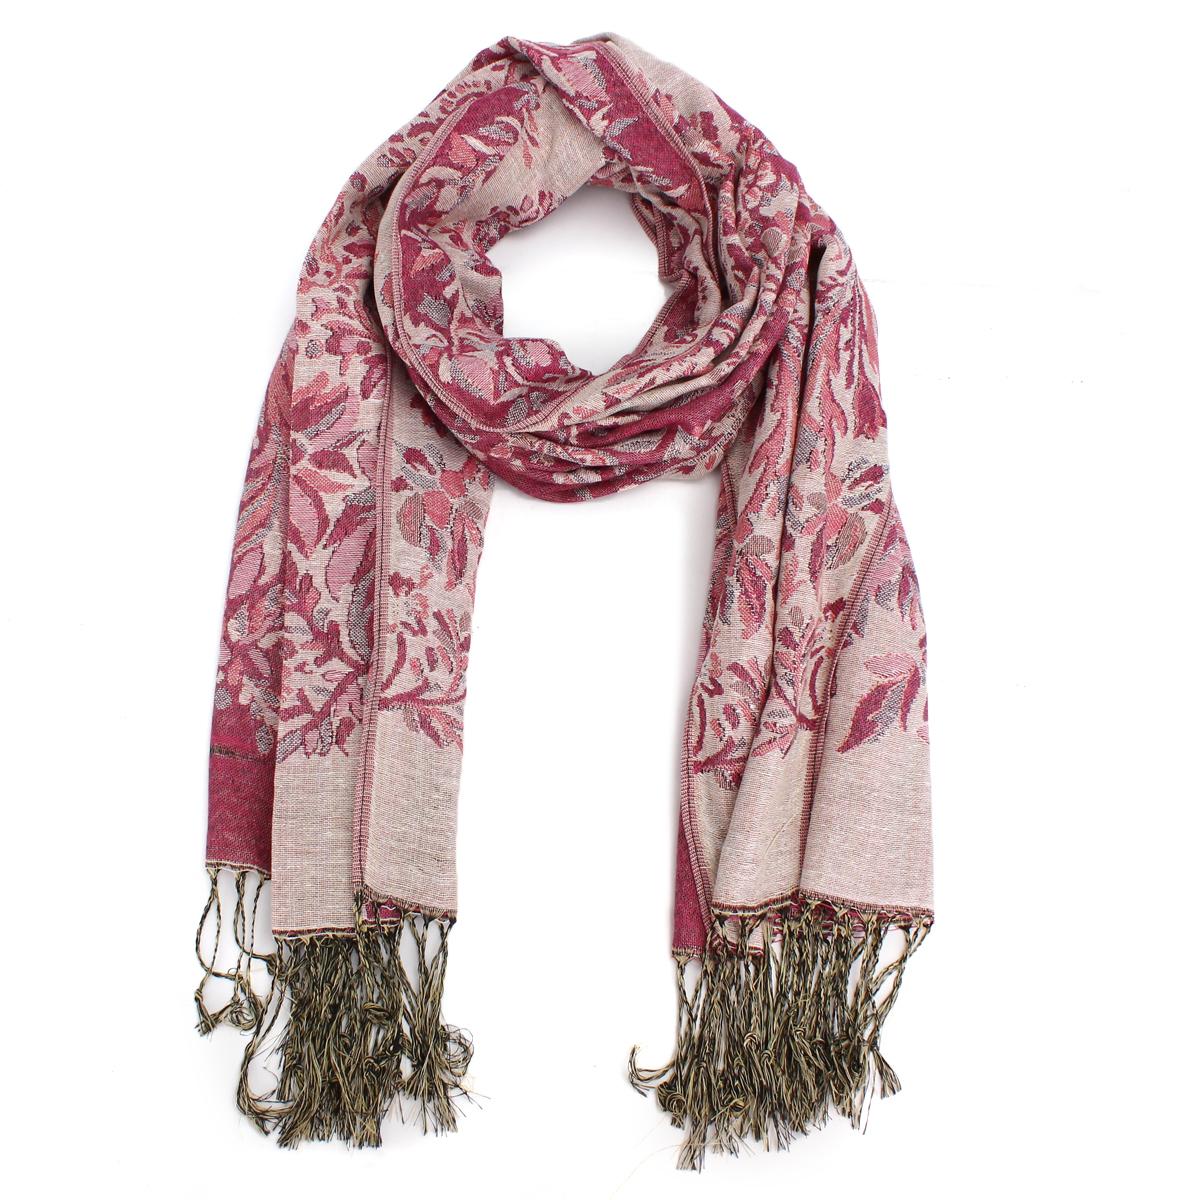 2017 new fashion s floral warm wrap shawl